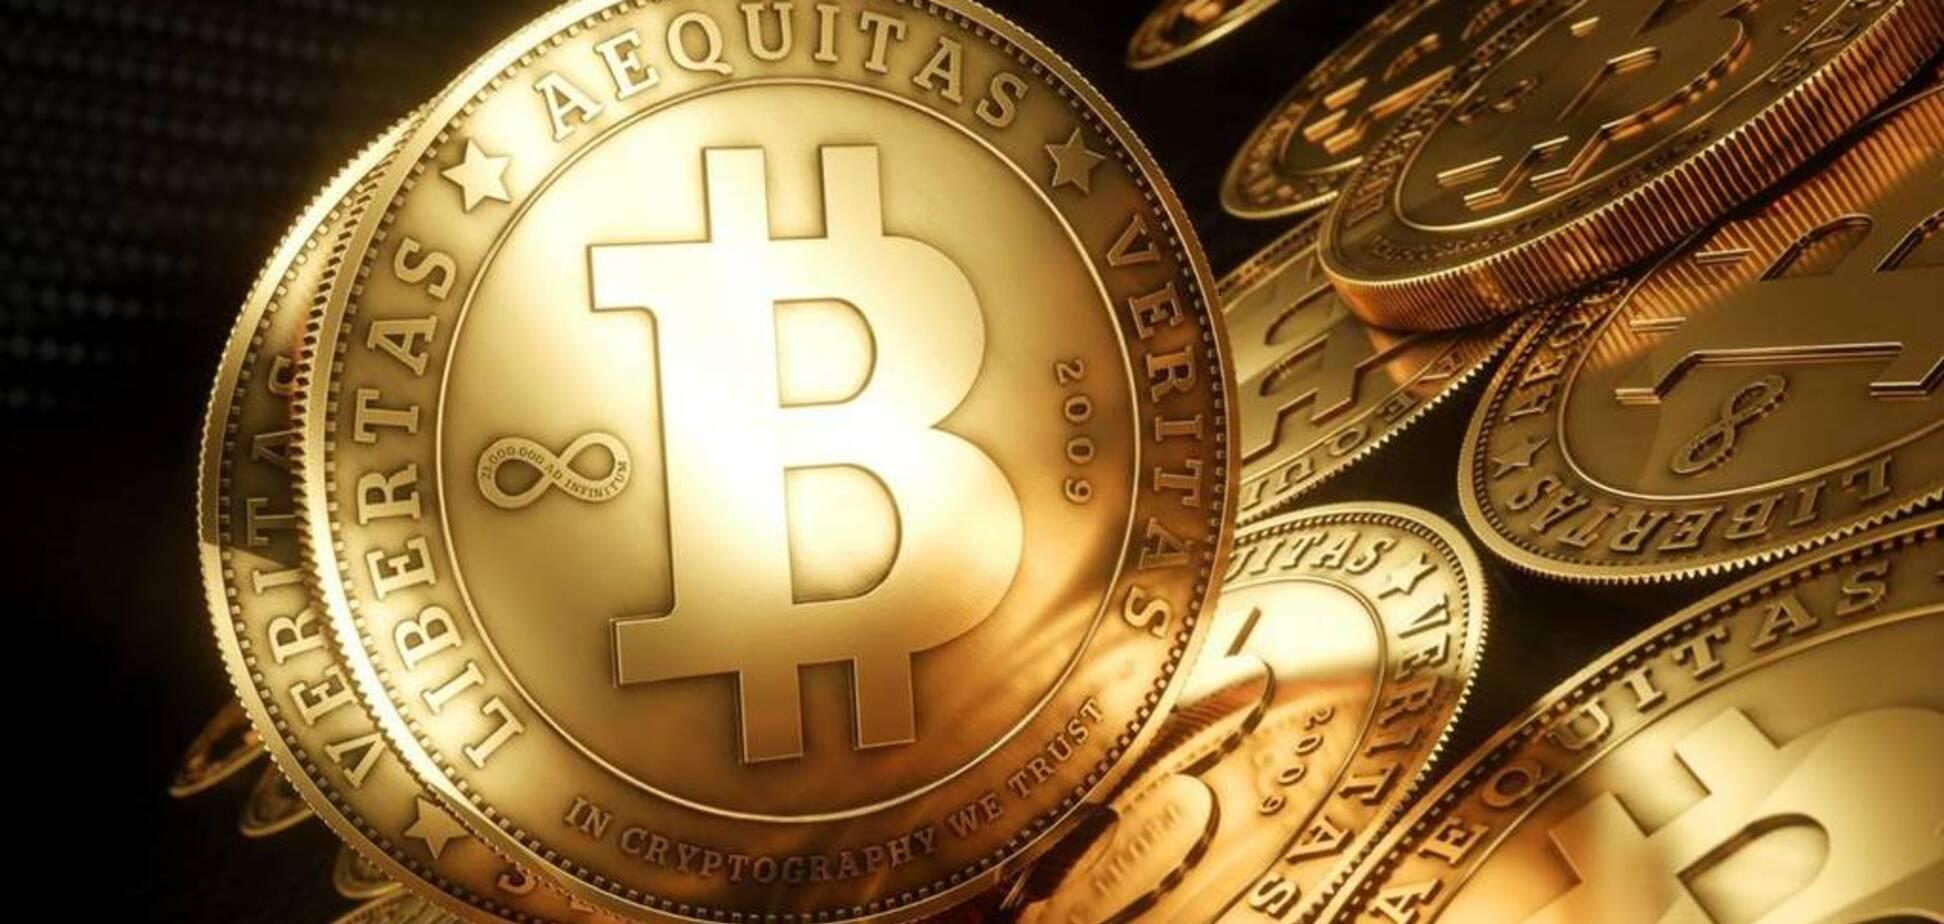 'До $50 тисяч': фінансист здивував прогнозом щодо біткоїна